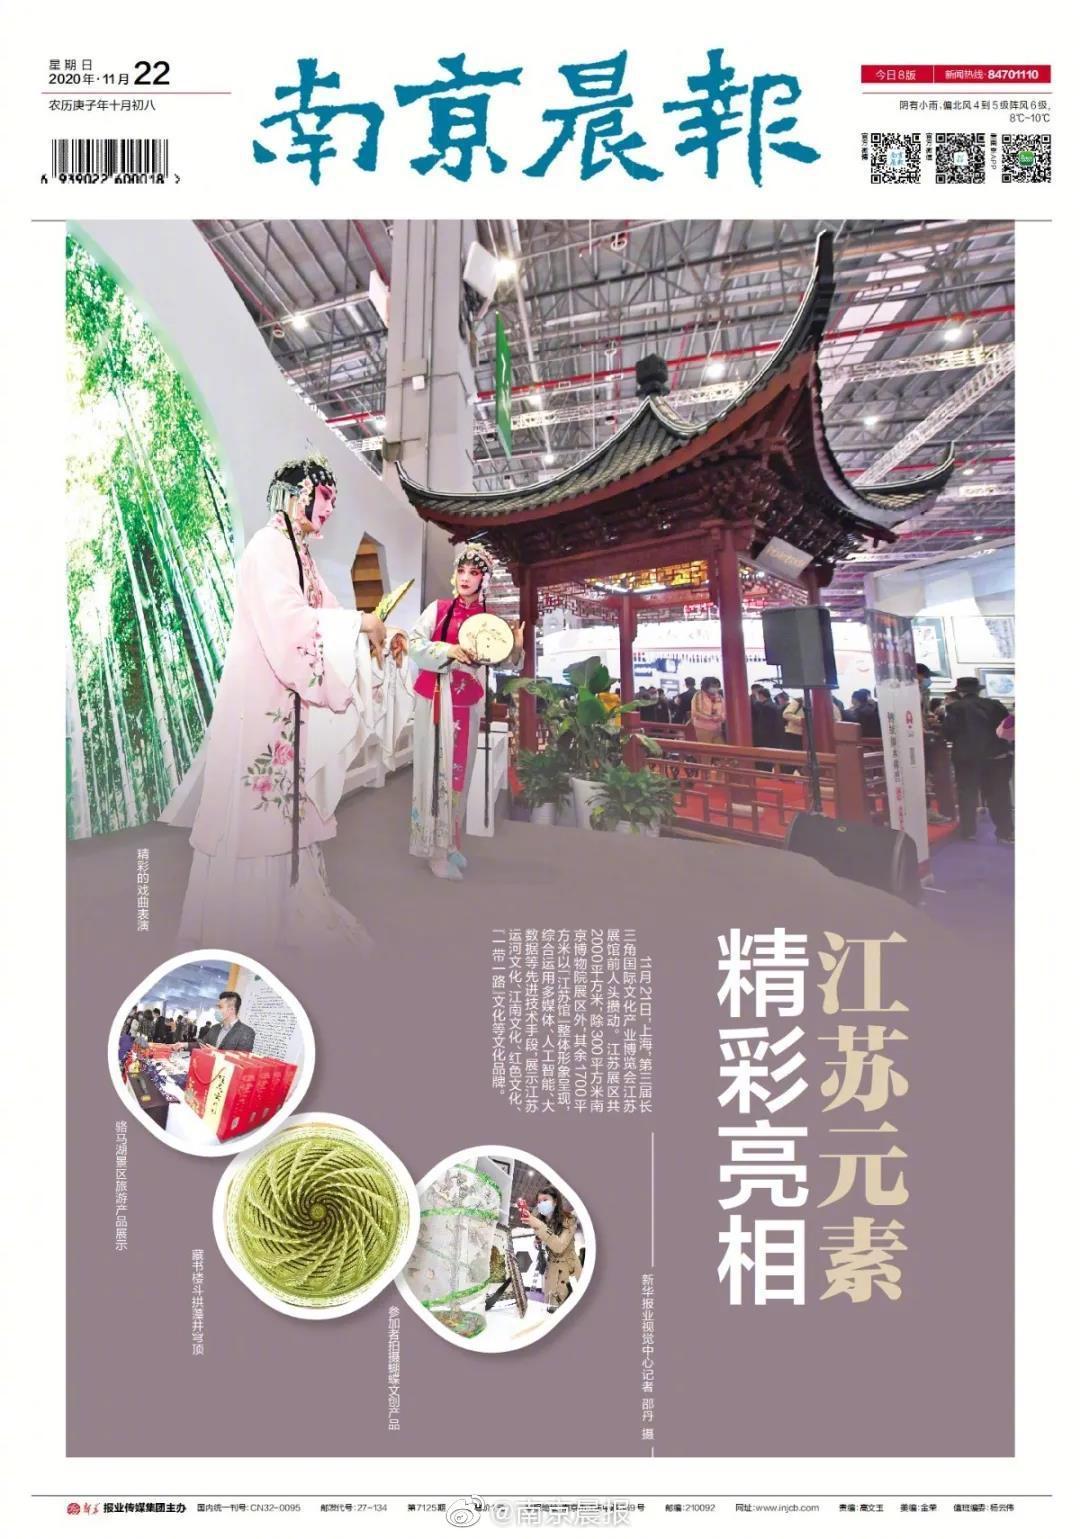 南京晨报11月22日电子版